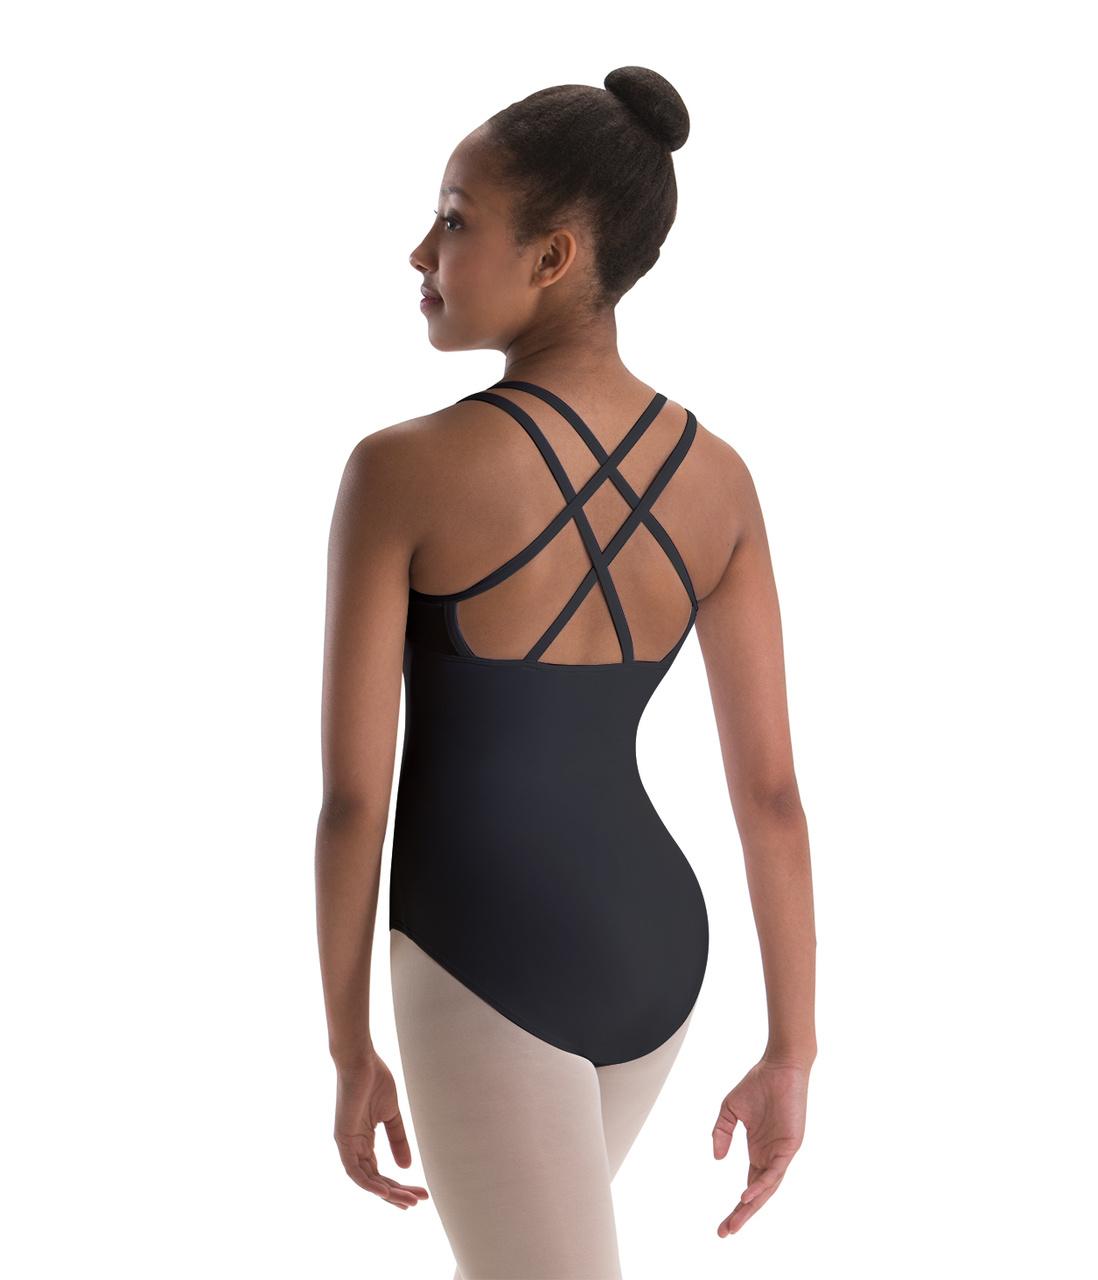 Motionwear 4 Strap Double Cross Back Camisole